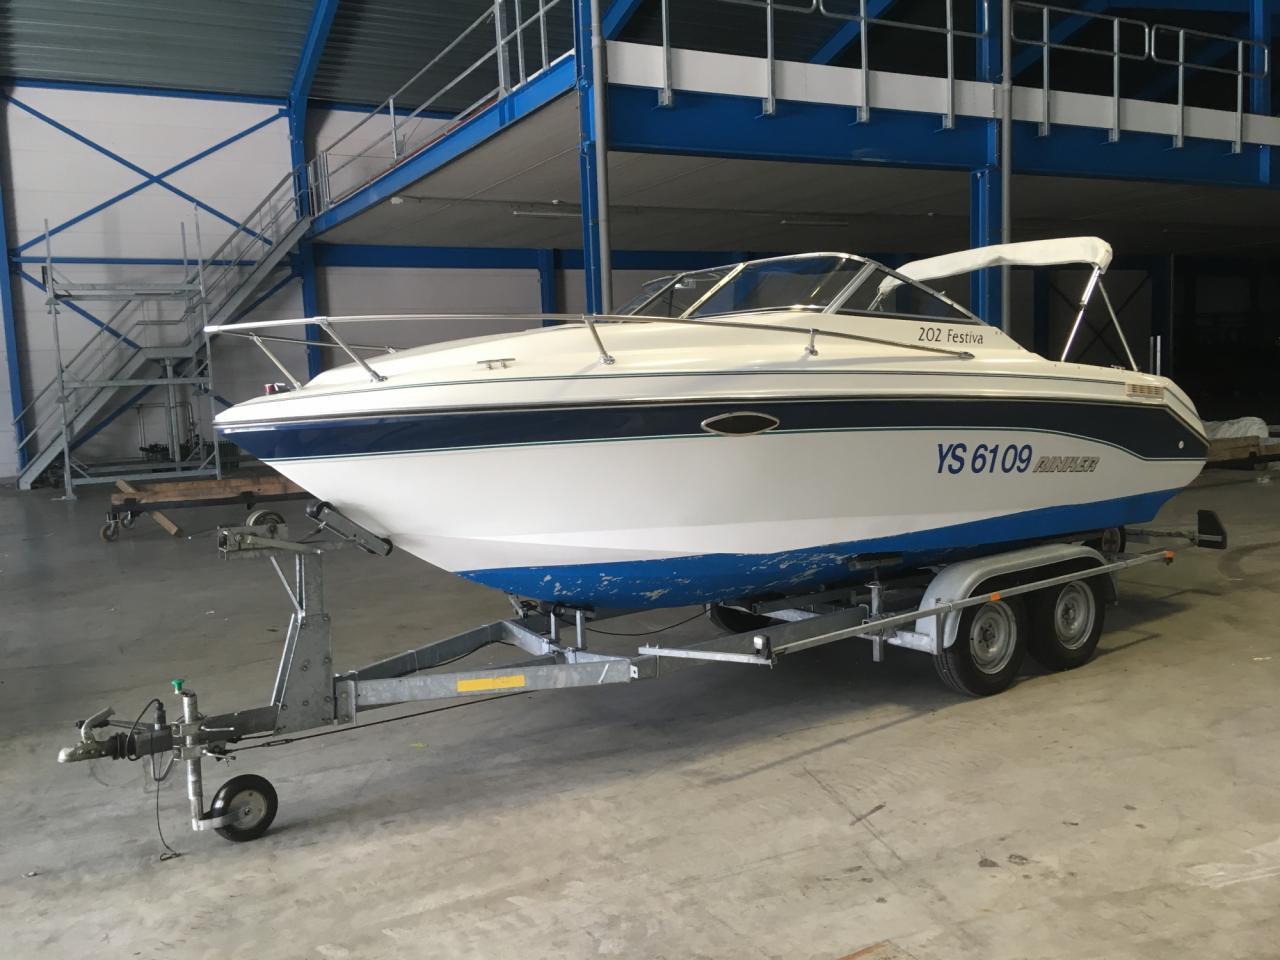 Rinker 202 Festiva met Mercruiser 4.3 liter LX 1